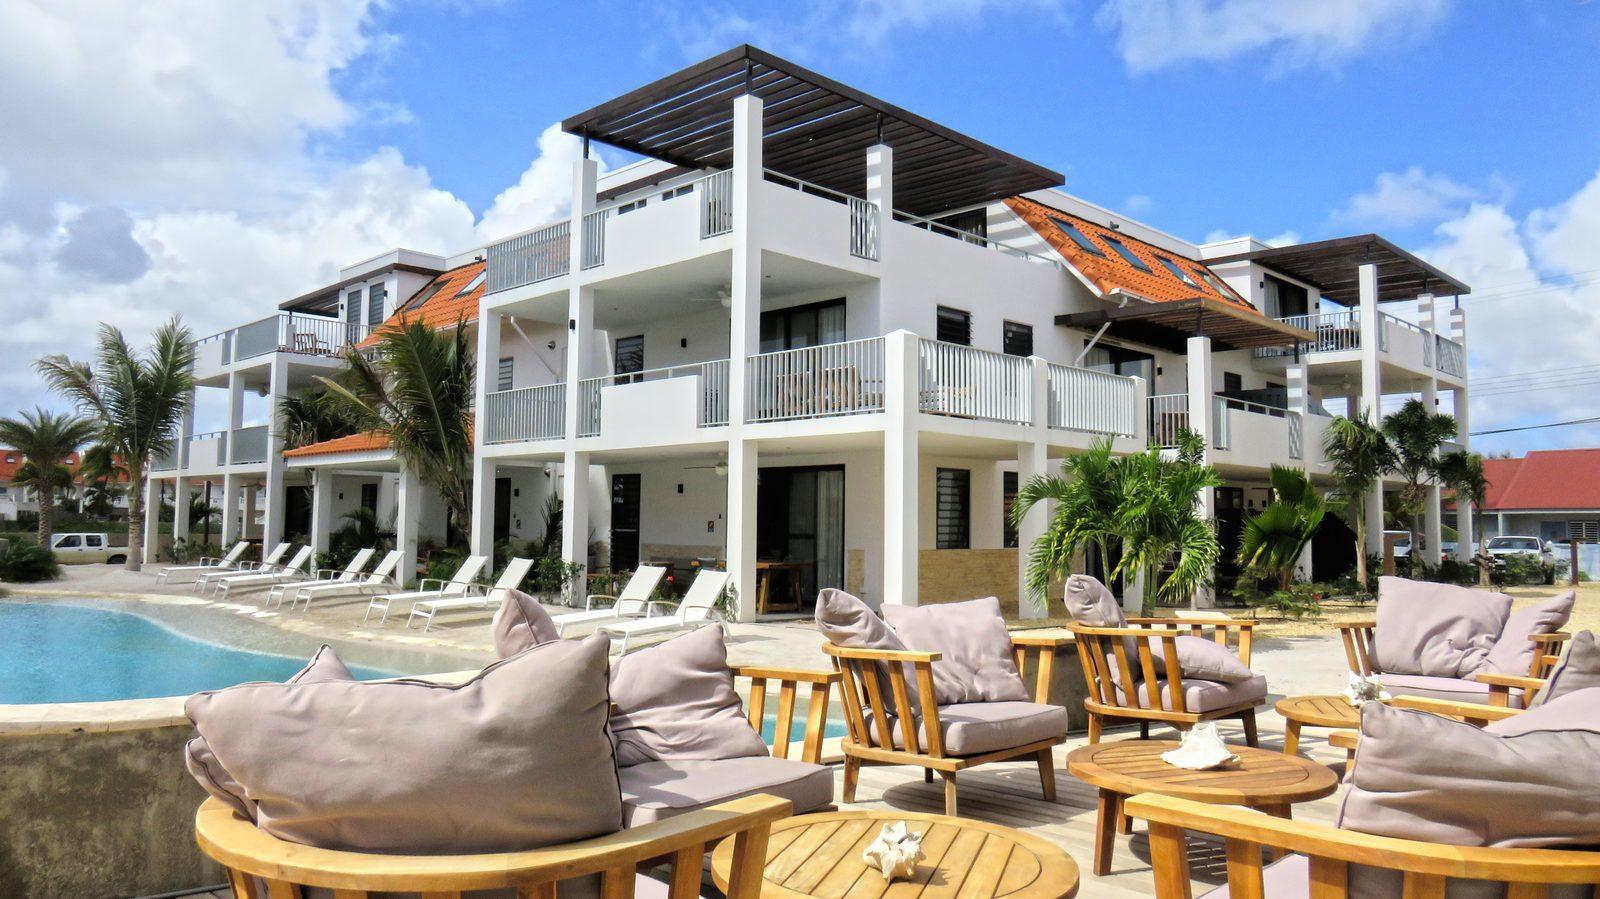 Een bar op Bonaire? Die vindt u ook op Resort Bonaire. Wij hebben een poolbar naast het zandstrand. Geniet bij ons van een drankje en hapje.